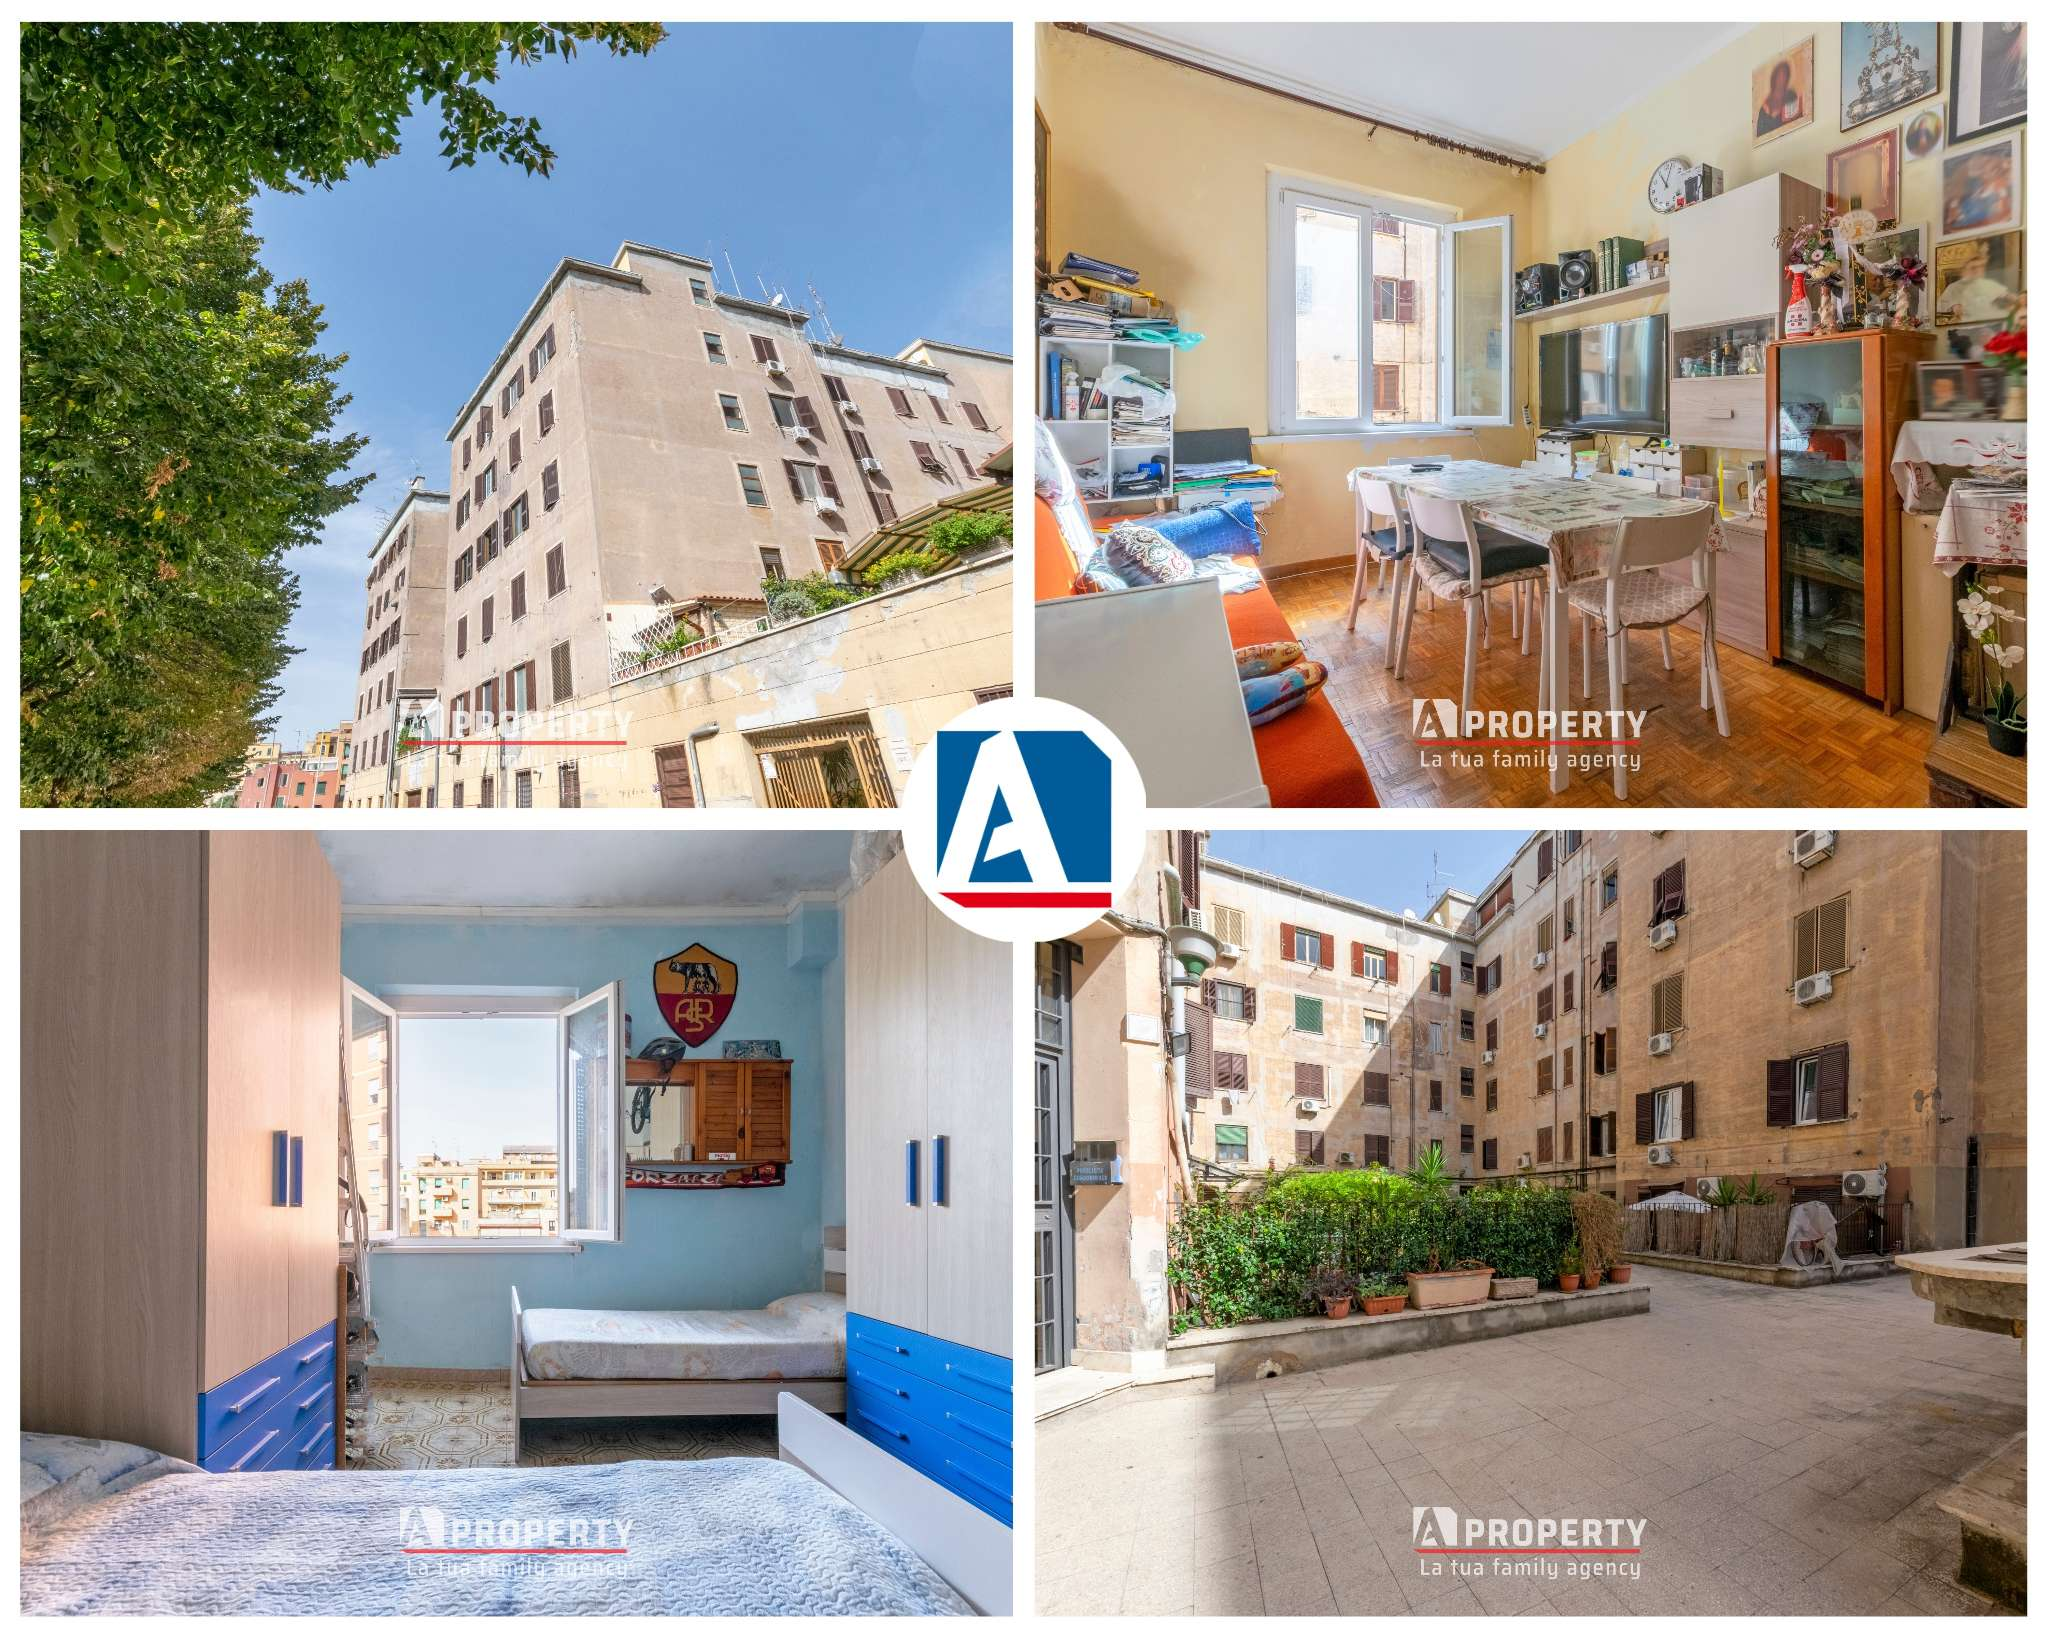 Appartamento in vendita a Roma, 2 locali, zona Zona: 9 . Prenestino, Collatino, Tor Sapienza, Torre Spaccata, Tor Tre Teste, Torre Maura, prezzo € 99.000   CambioCasa.it